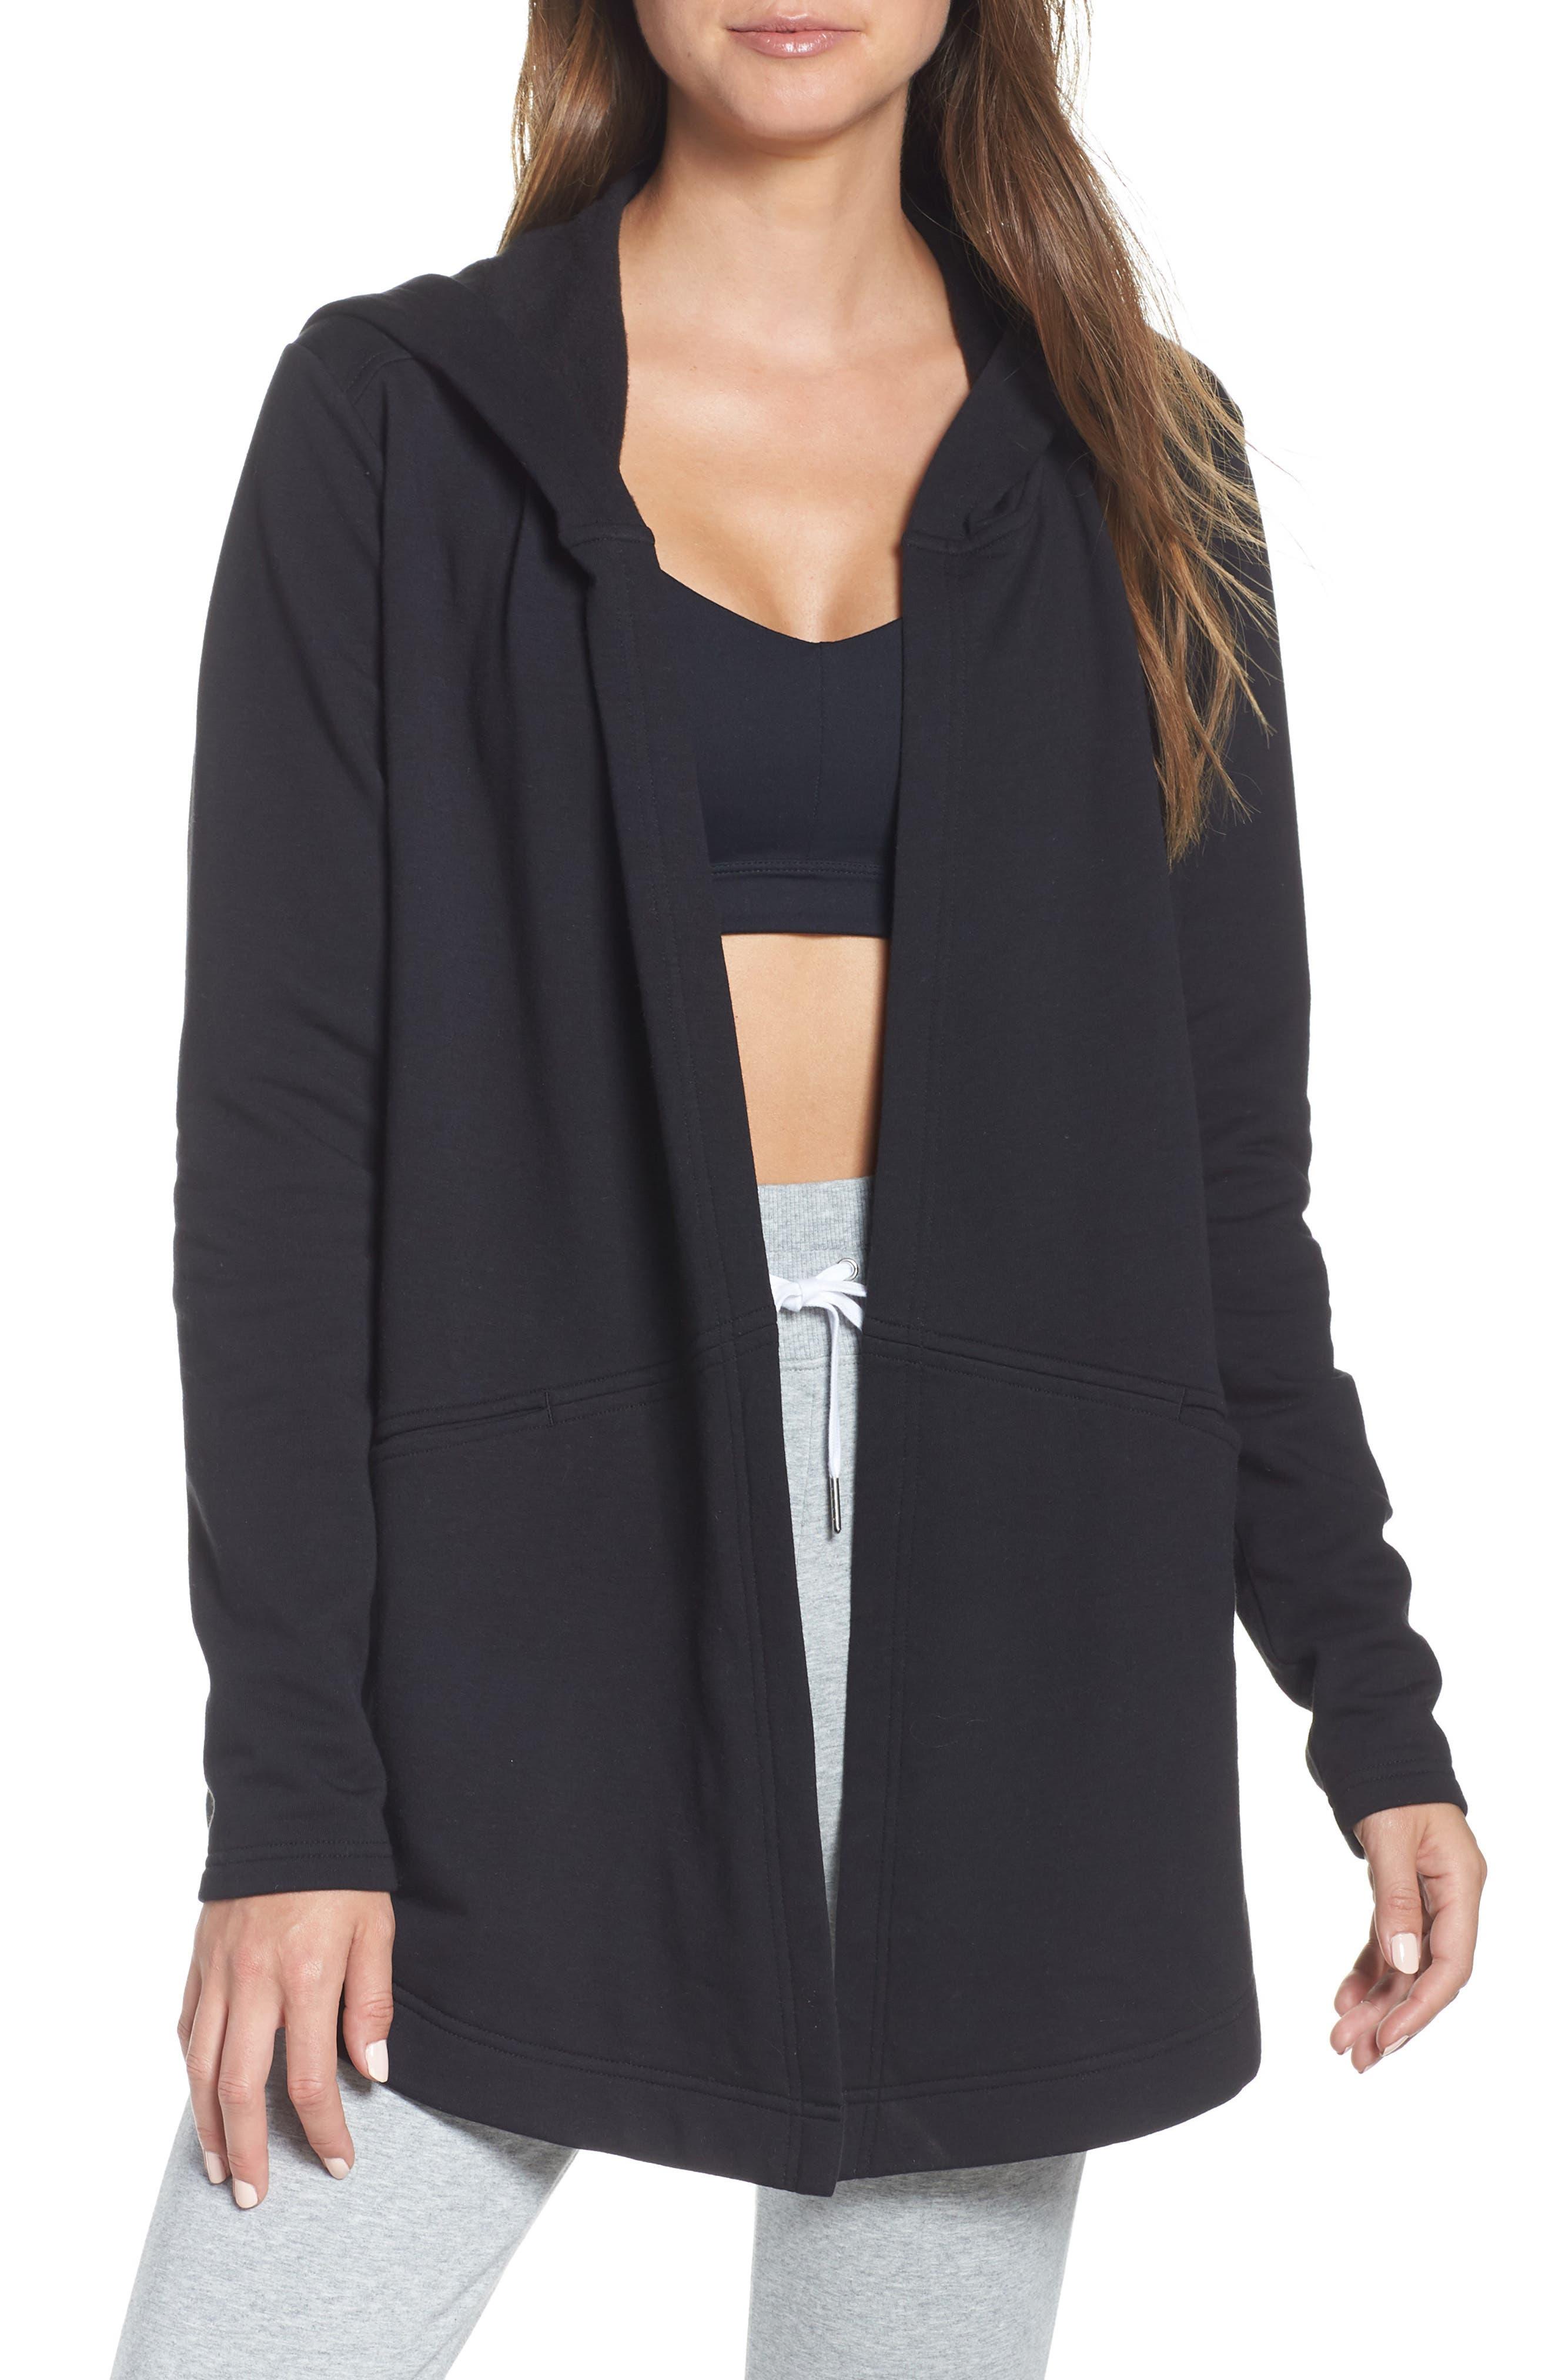 ZELLA Ria Hooded Cardigan, Main, color, BLACK FLEECE